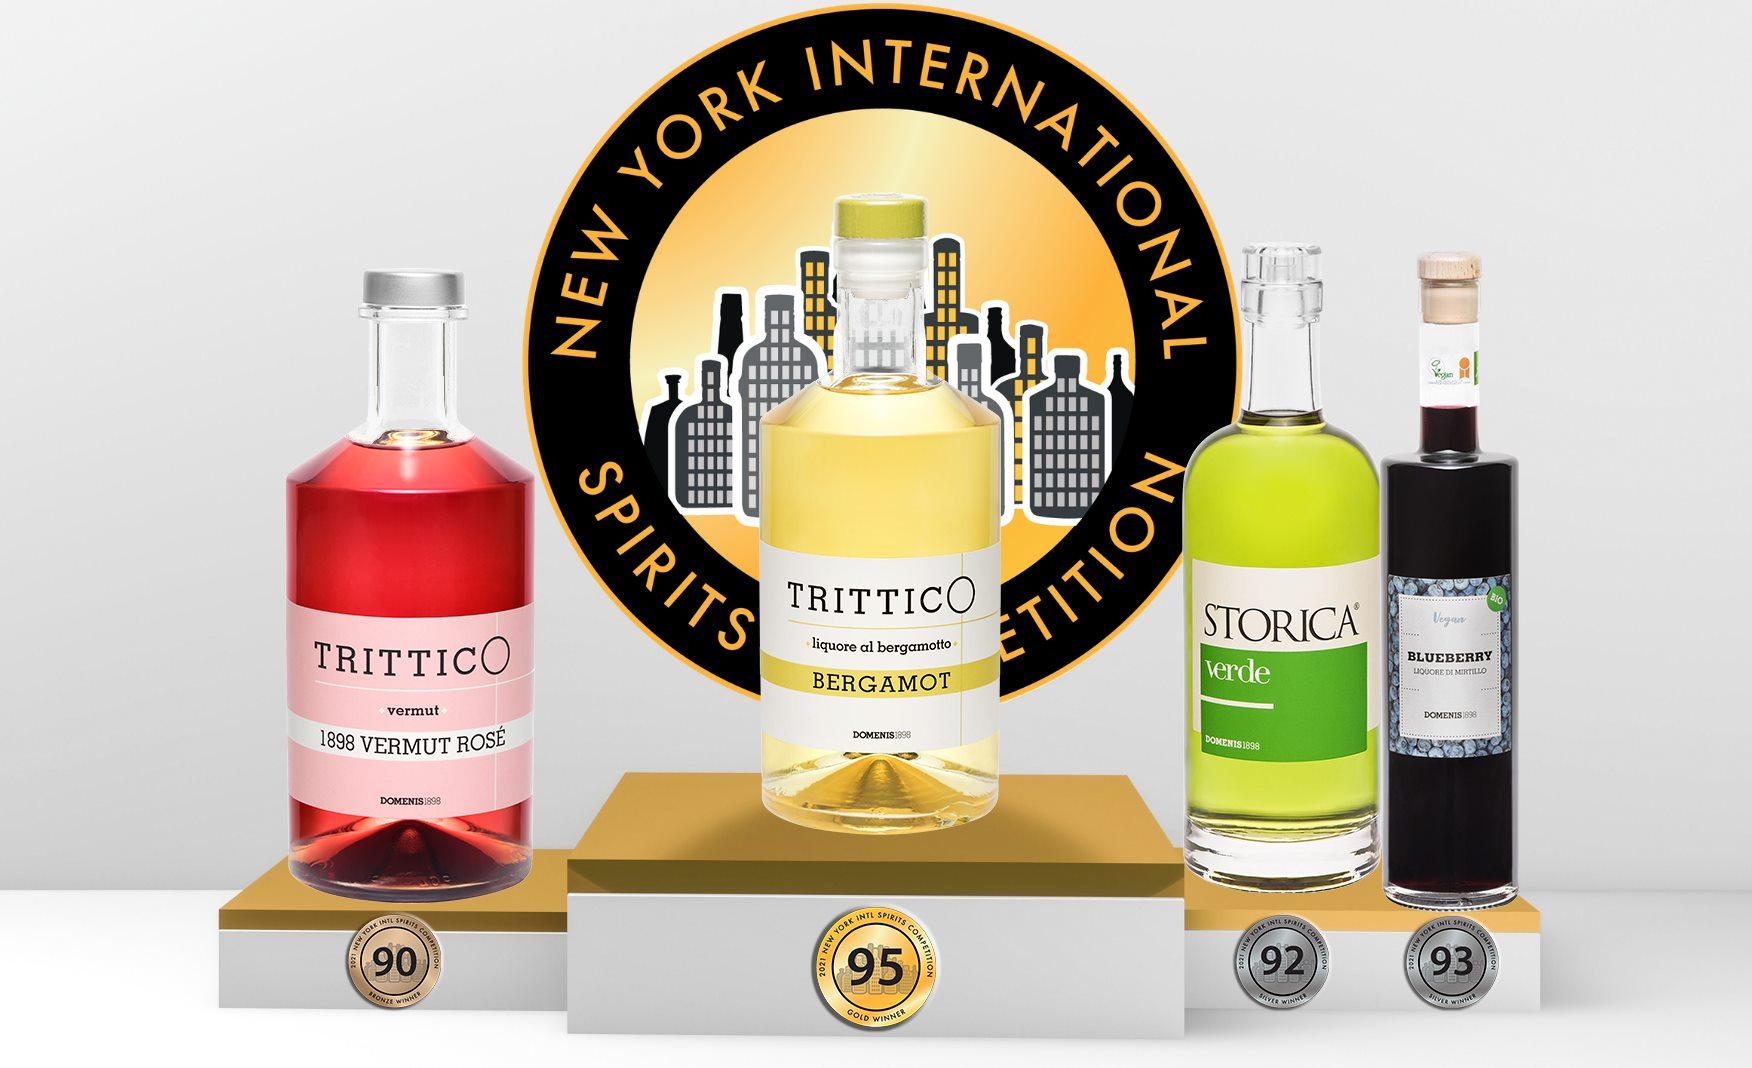 New York International Spirits: a DOMENIS1898 il premio come miglior distillato italiano alla frutta dell'anno